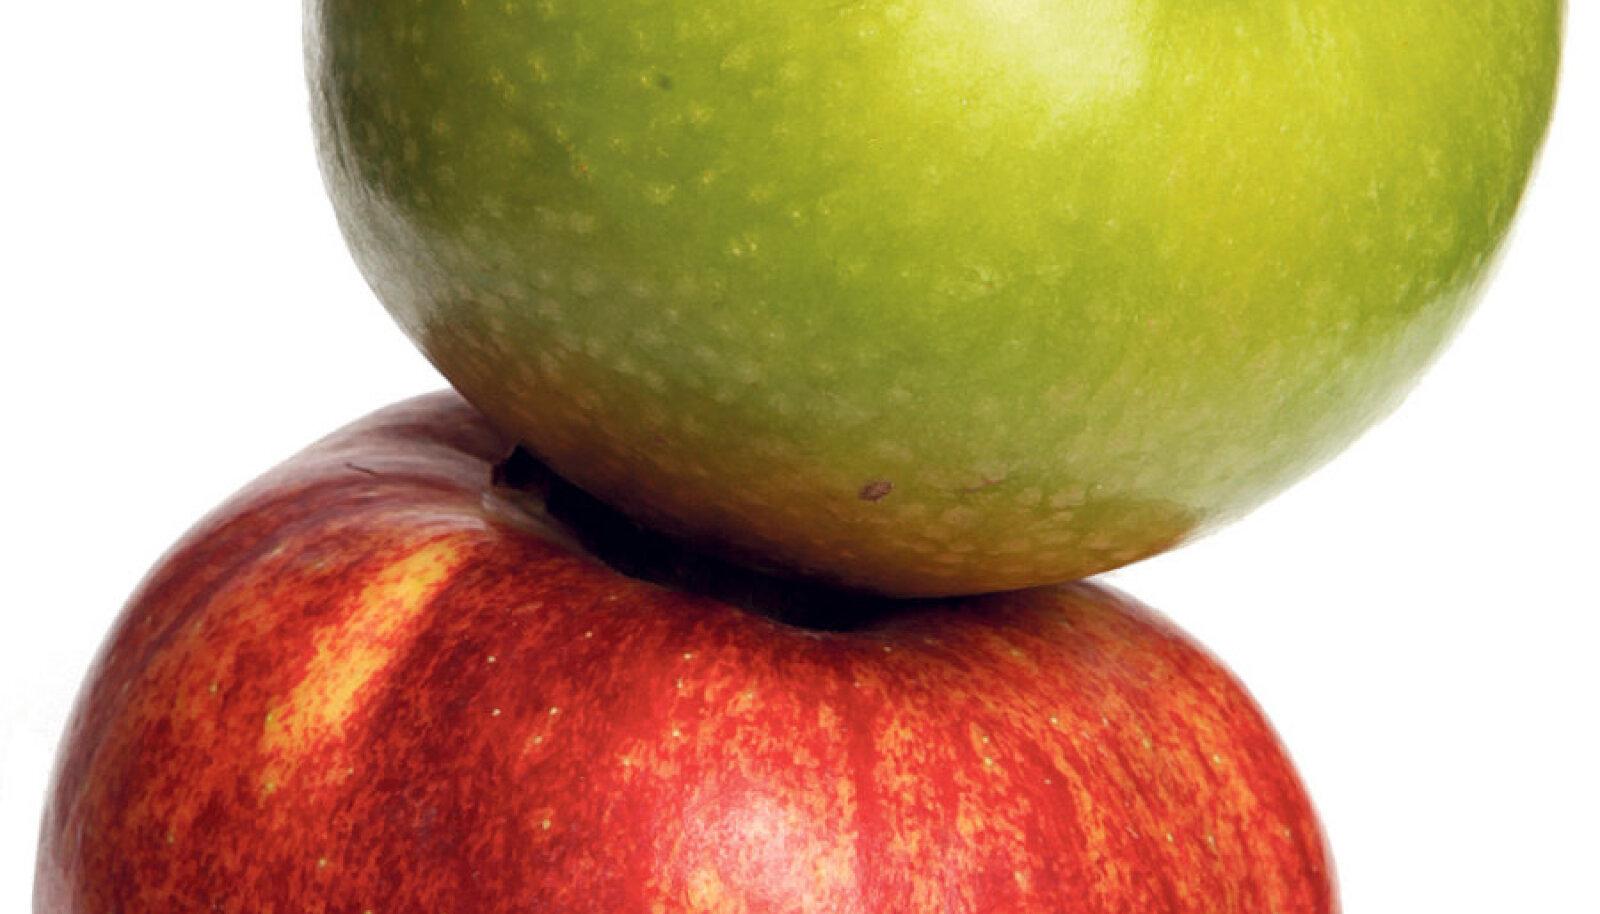 Ilus ja läikiv õun  võib  välja näha kui Lumivalgekese kurja võõrasema  oma. Tervisele ohtu see siiski  ei kujuta. Vaha  tuleb lihtsalt maha pesta.